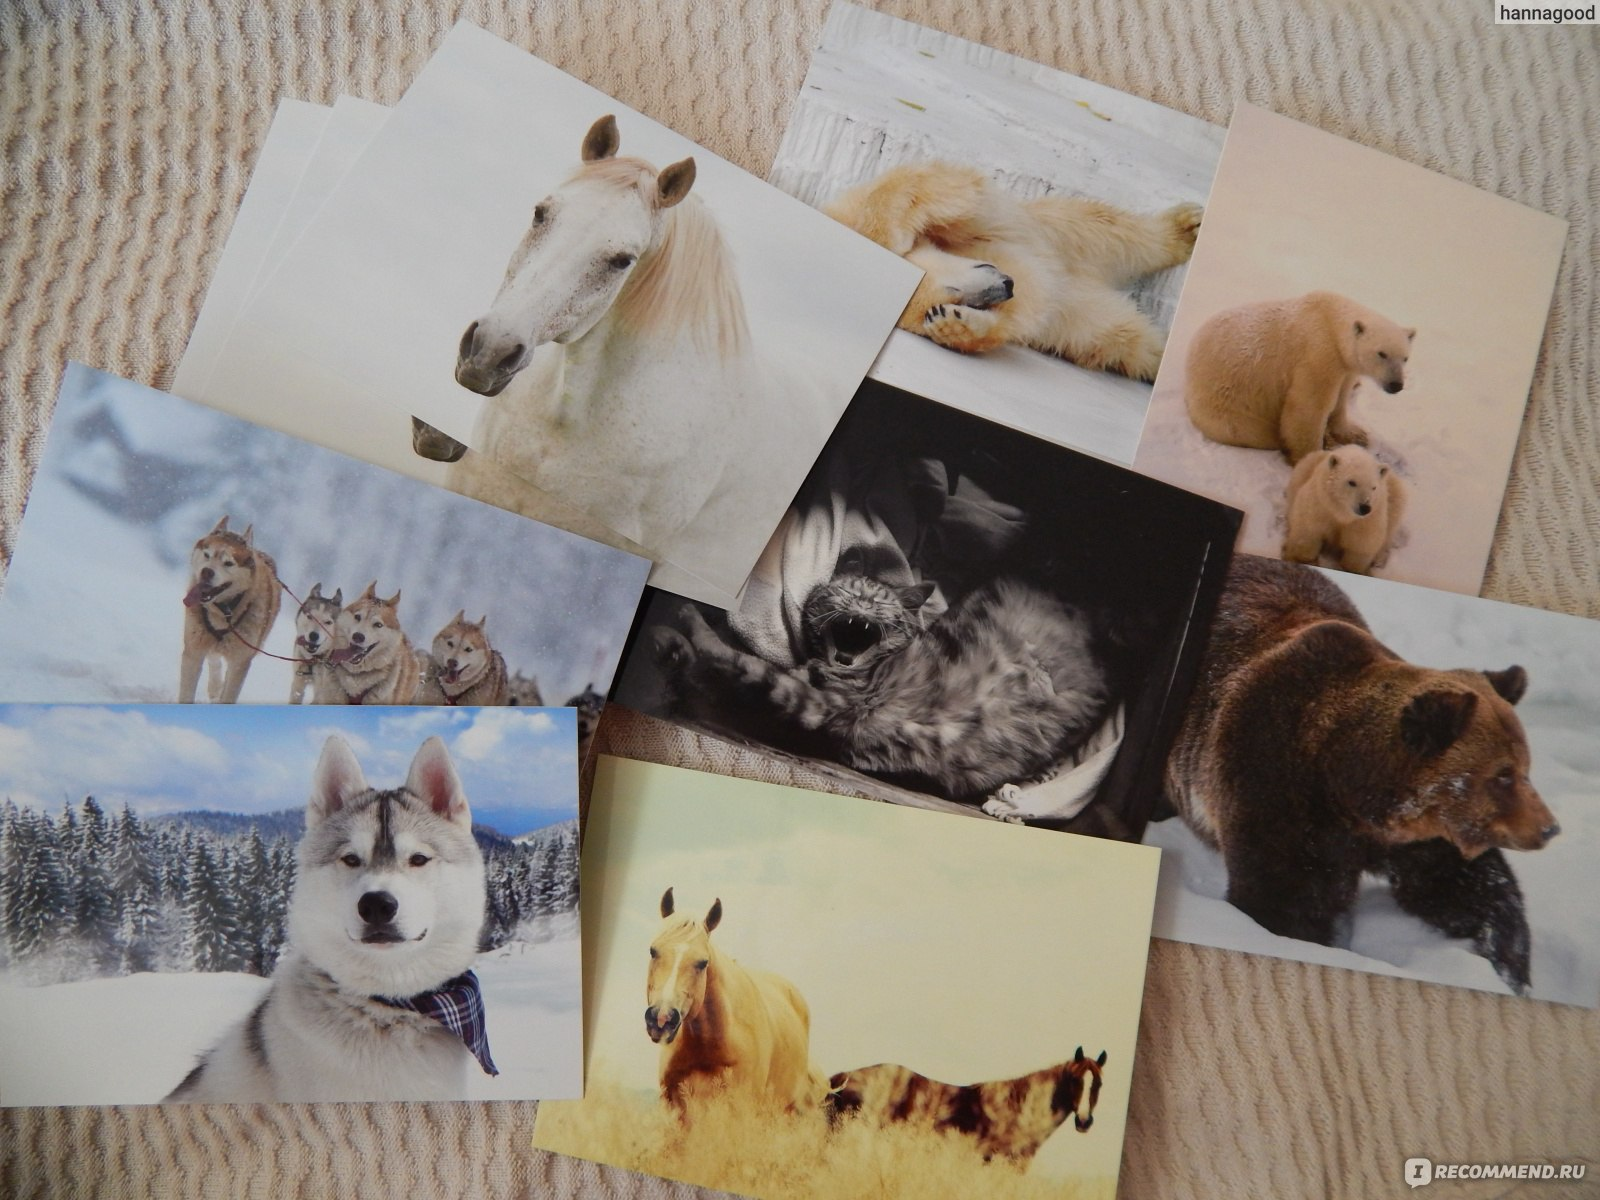 Завязать, открытки постмания